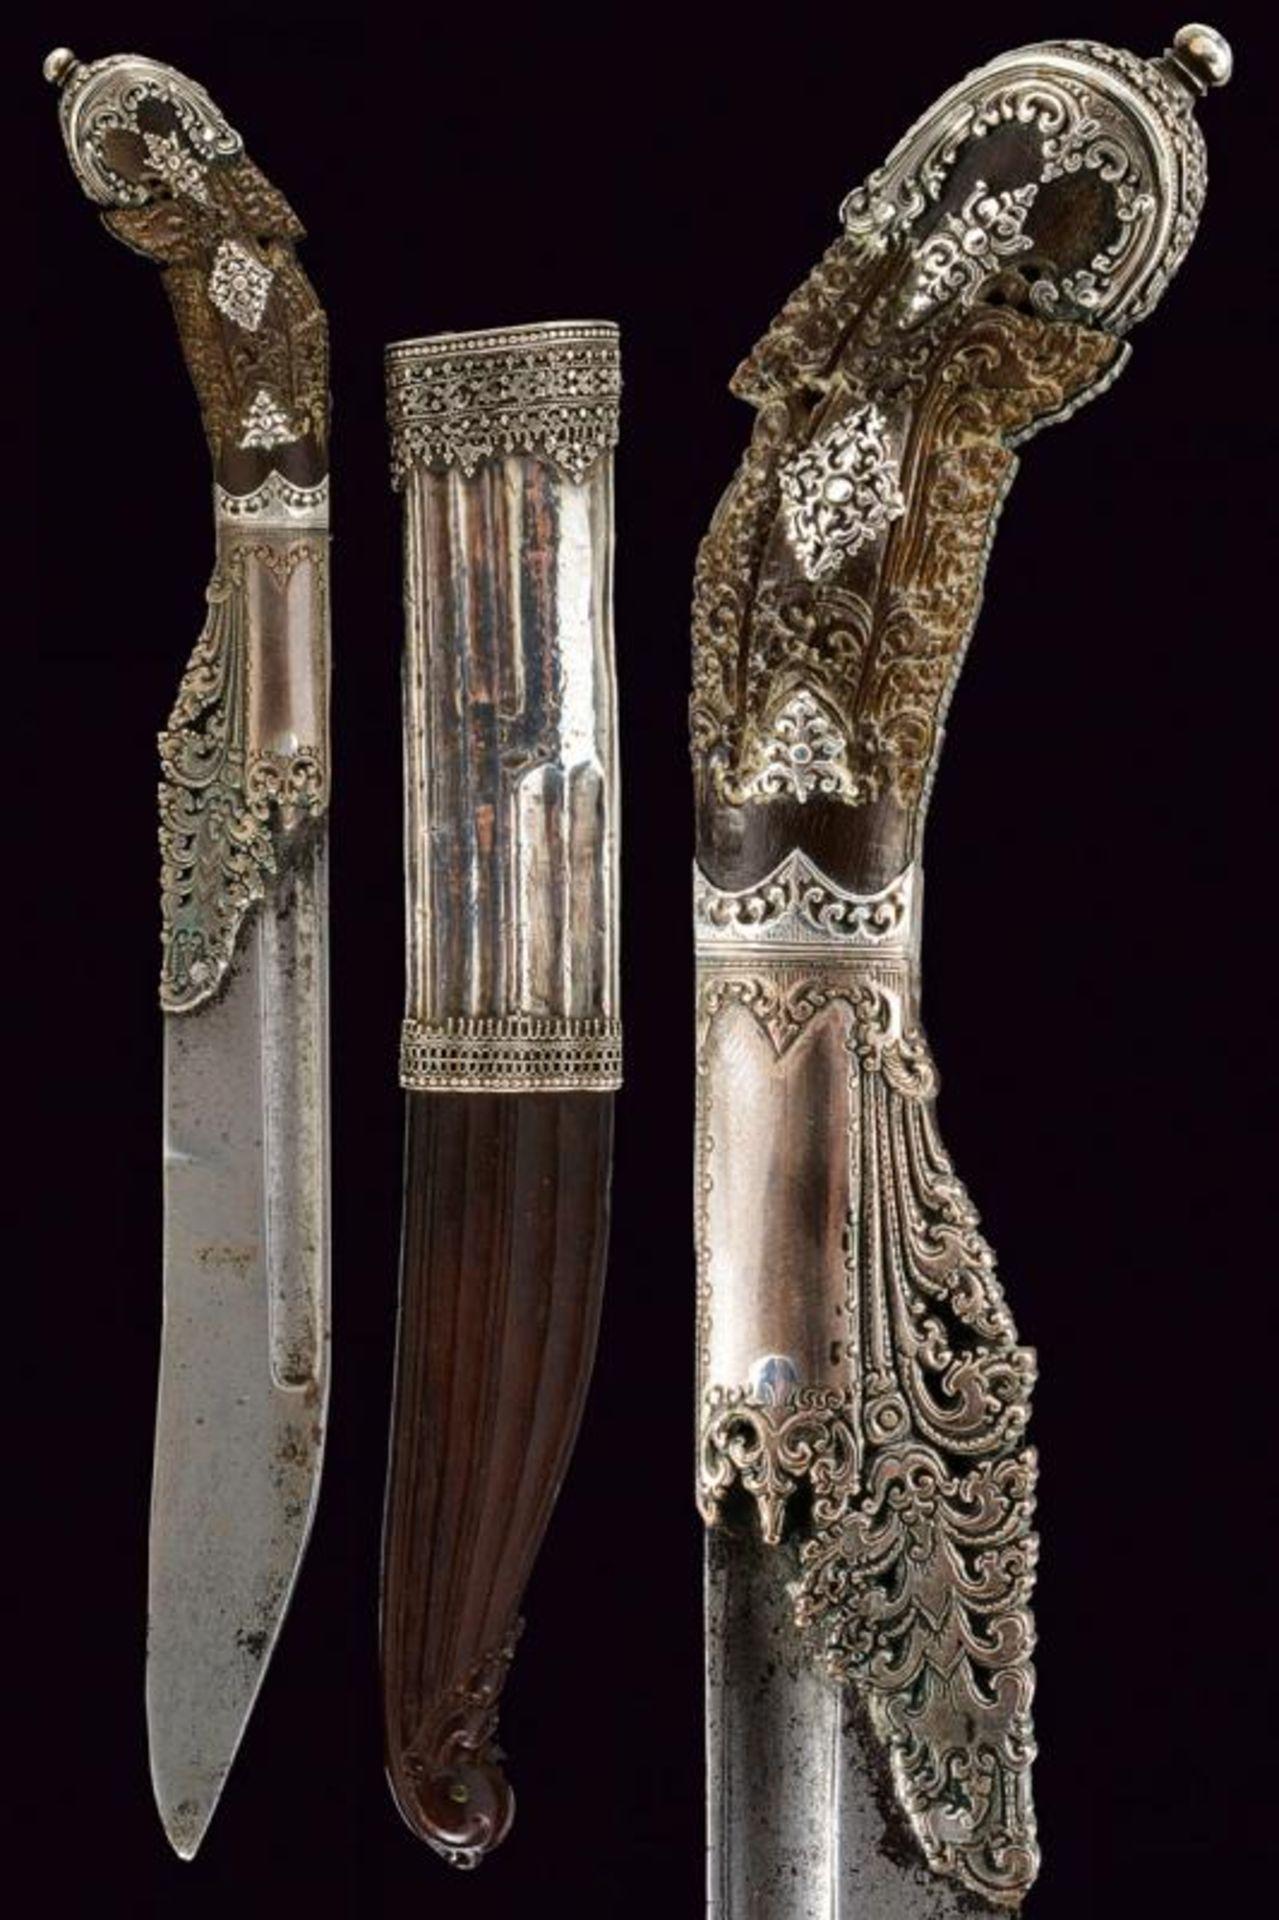 A beautiful silver mounted Piha-kaetta